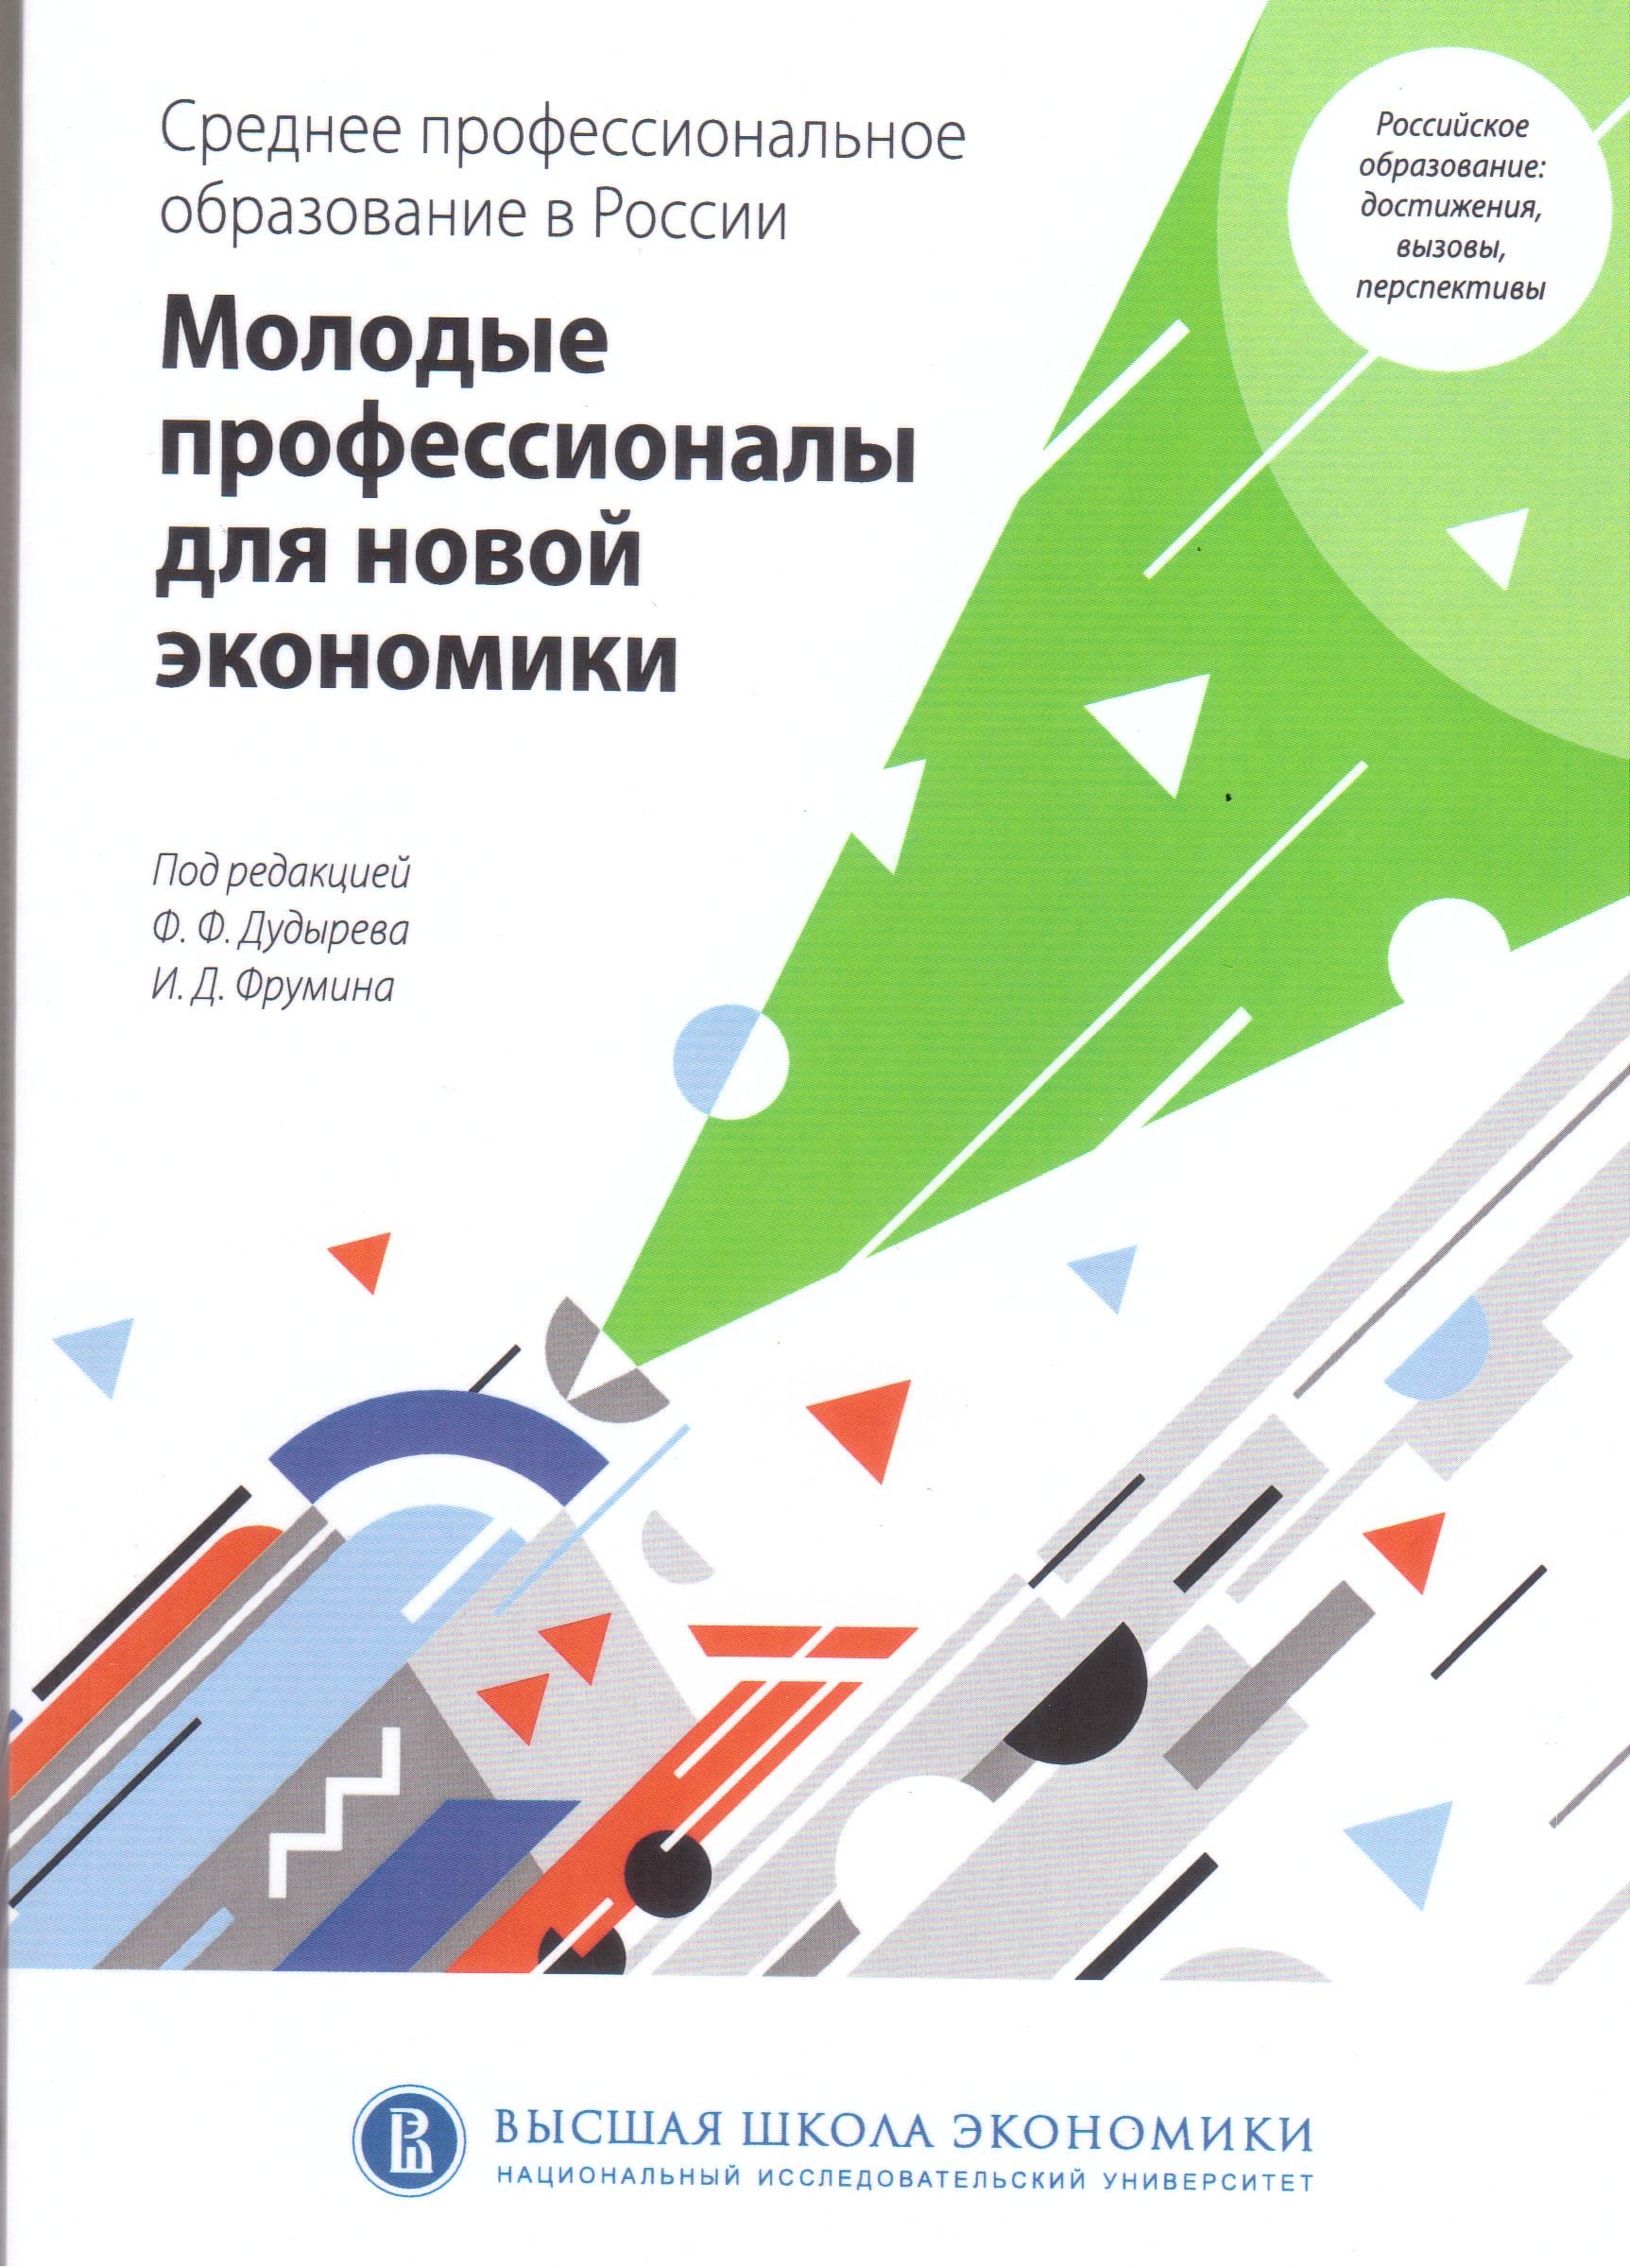 Молодые профессионалы для новой экономики: среднее профессиональное образование в России